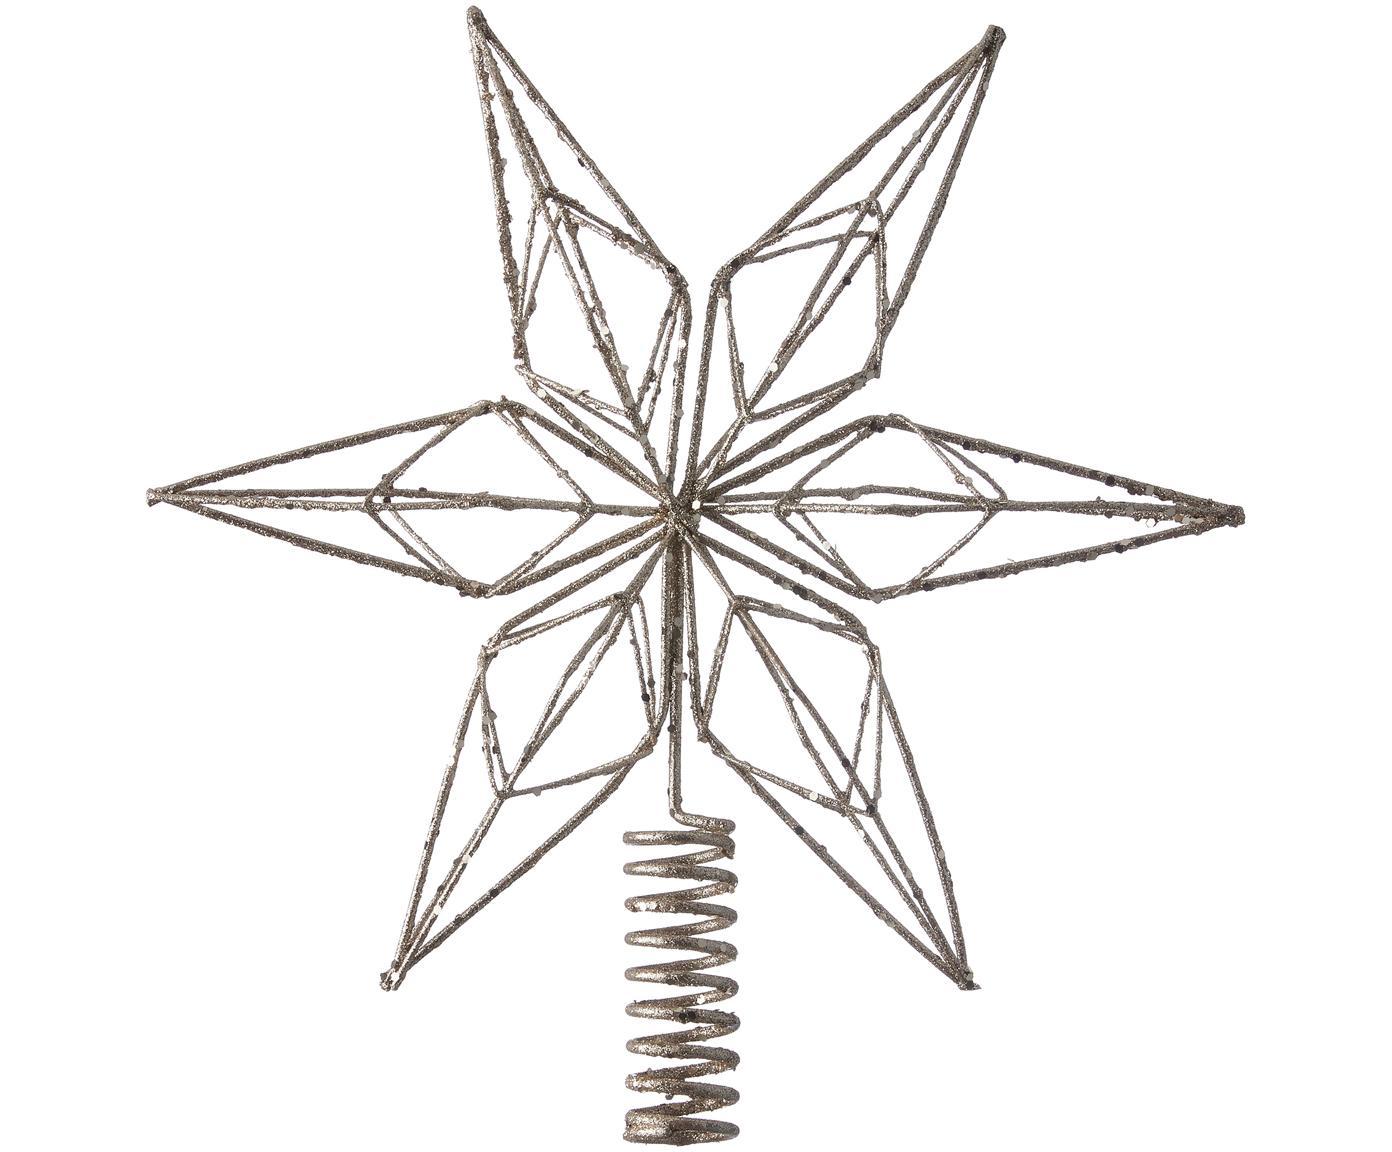 Piek Alivinne, Gelakt metaal, Messingkleurig, 27 x 28 cm